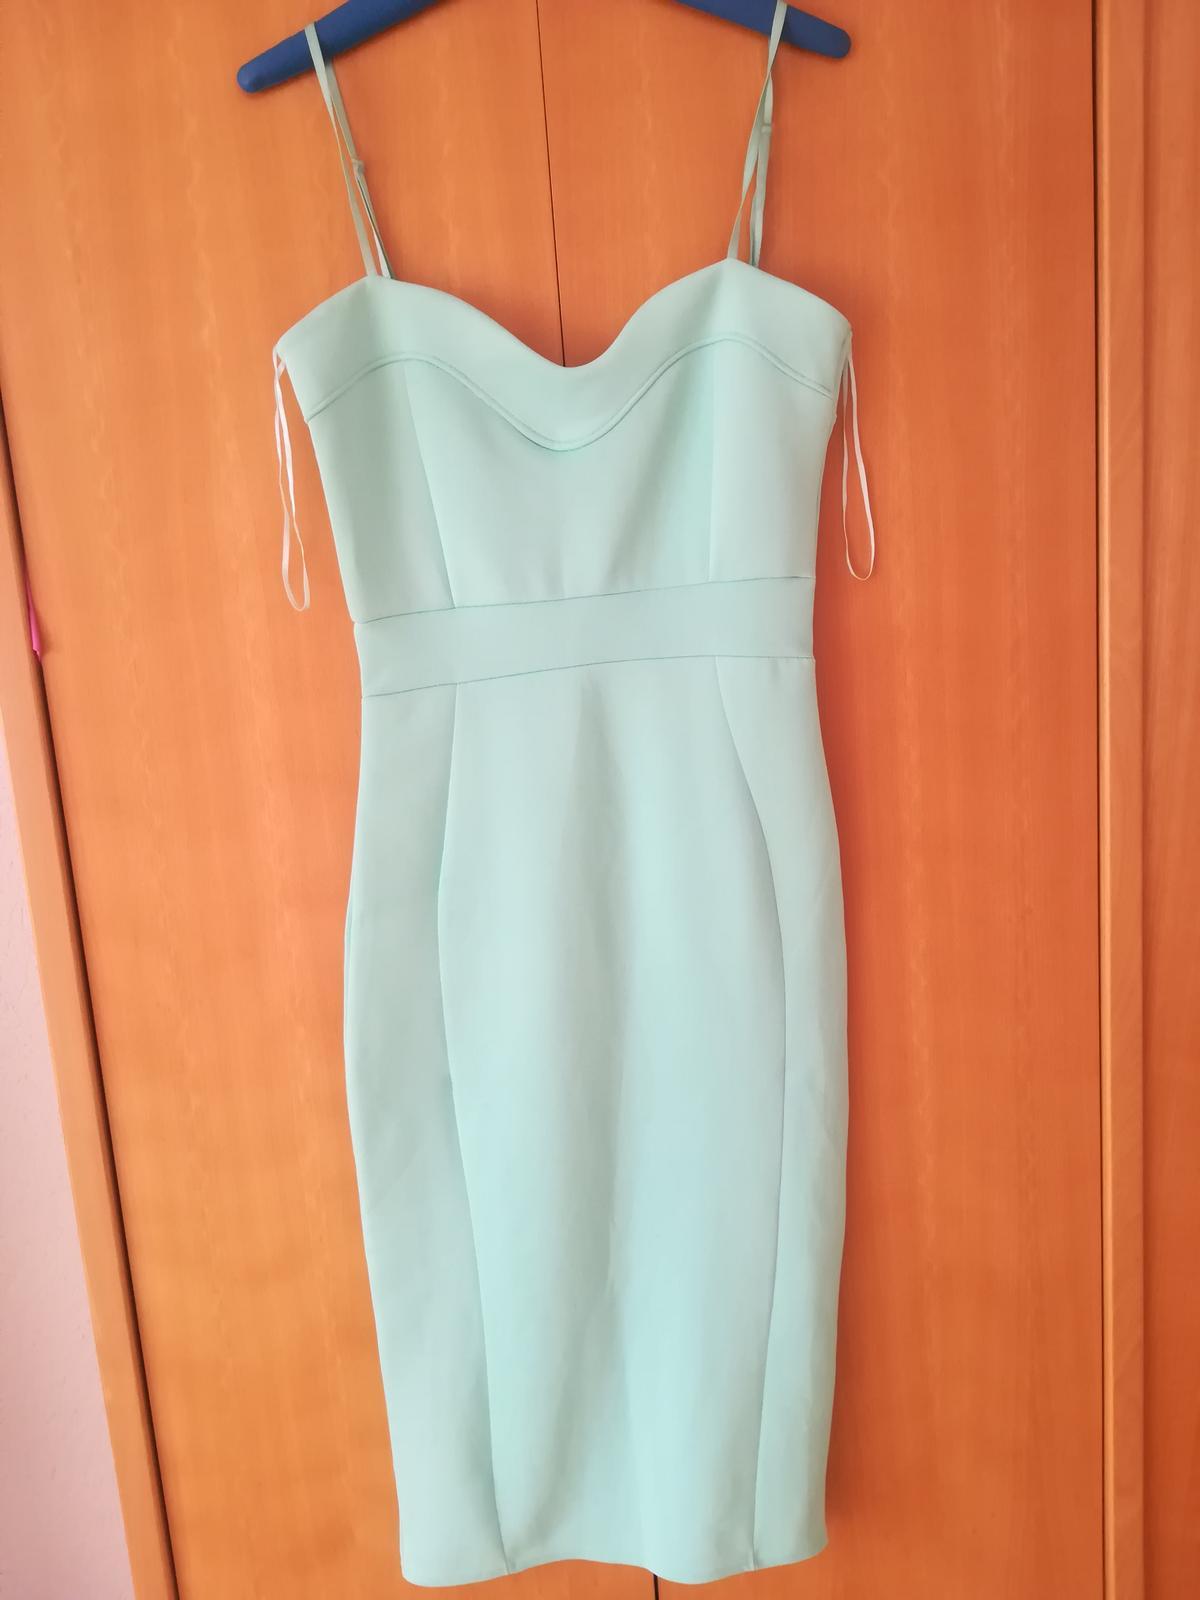 Mint šaty - Obrázek č. 1